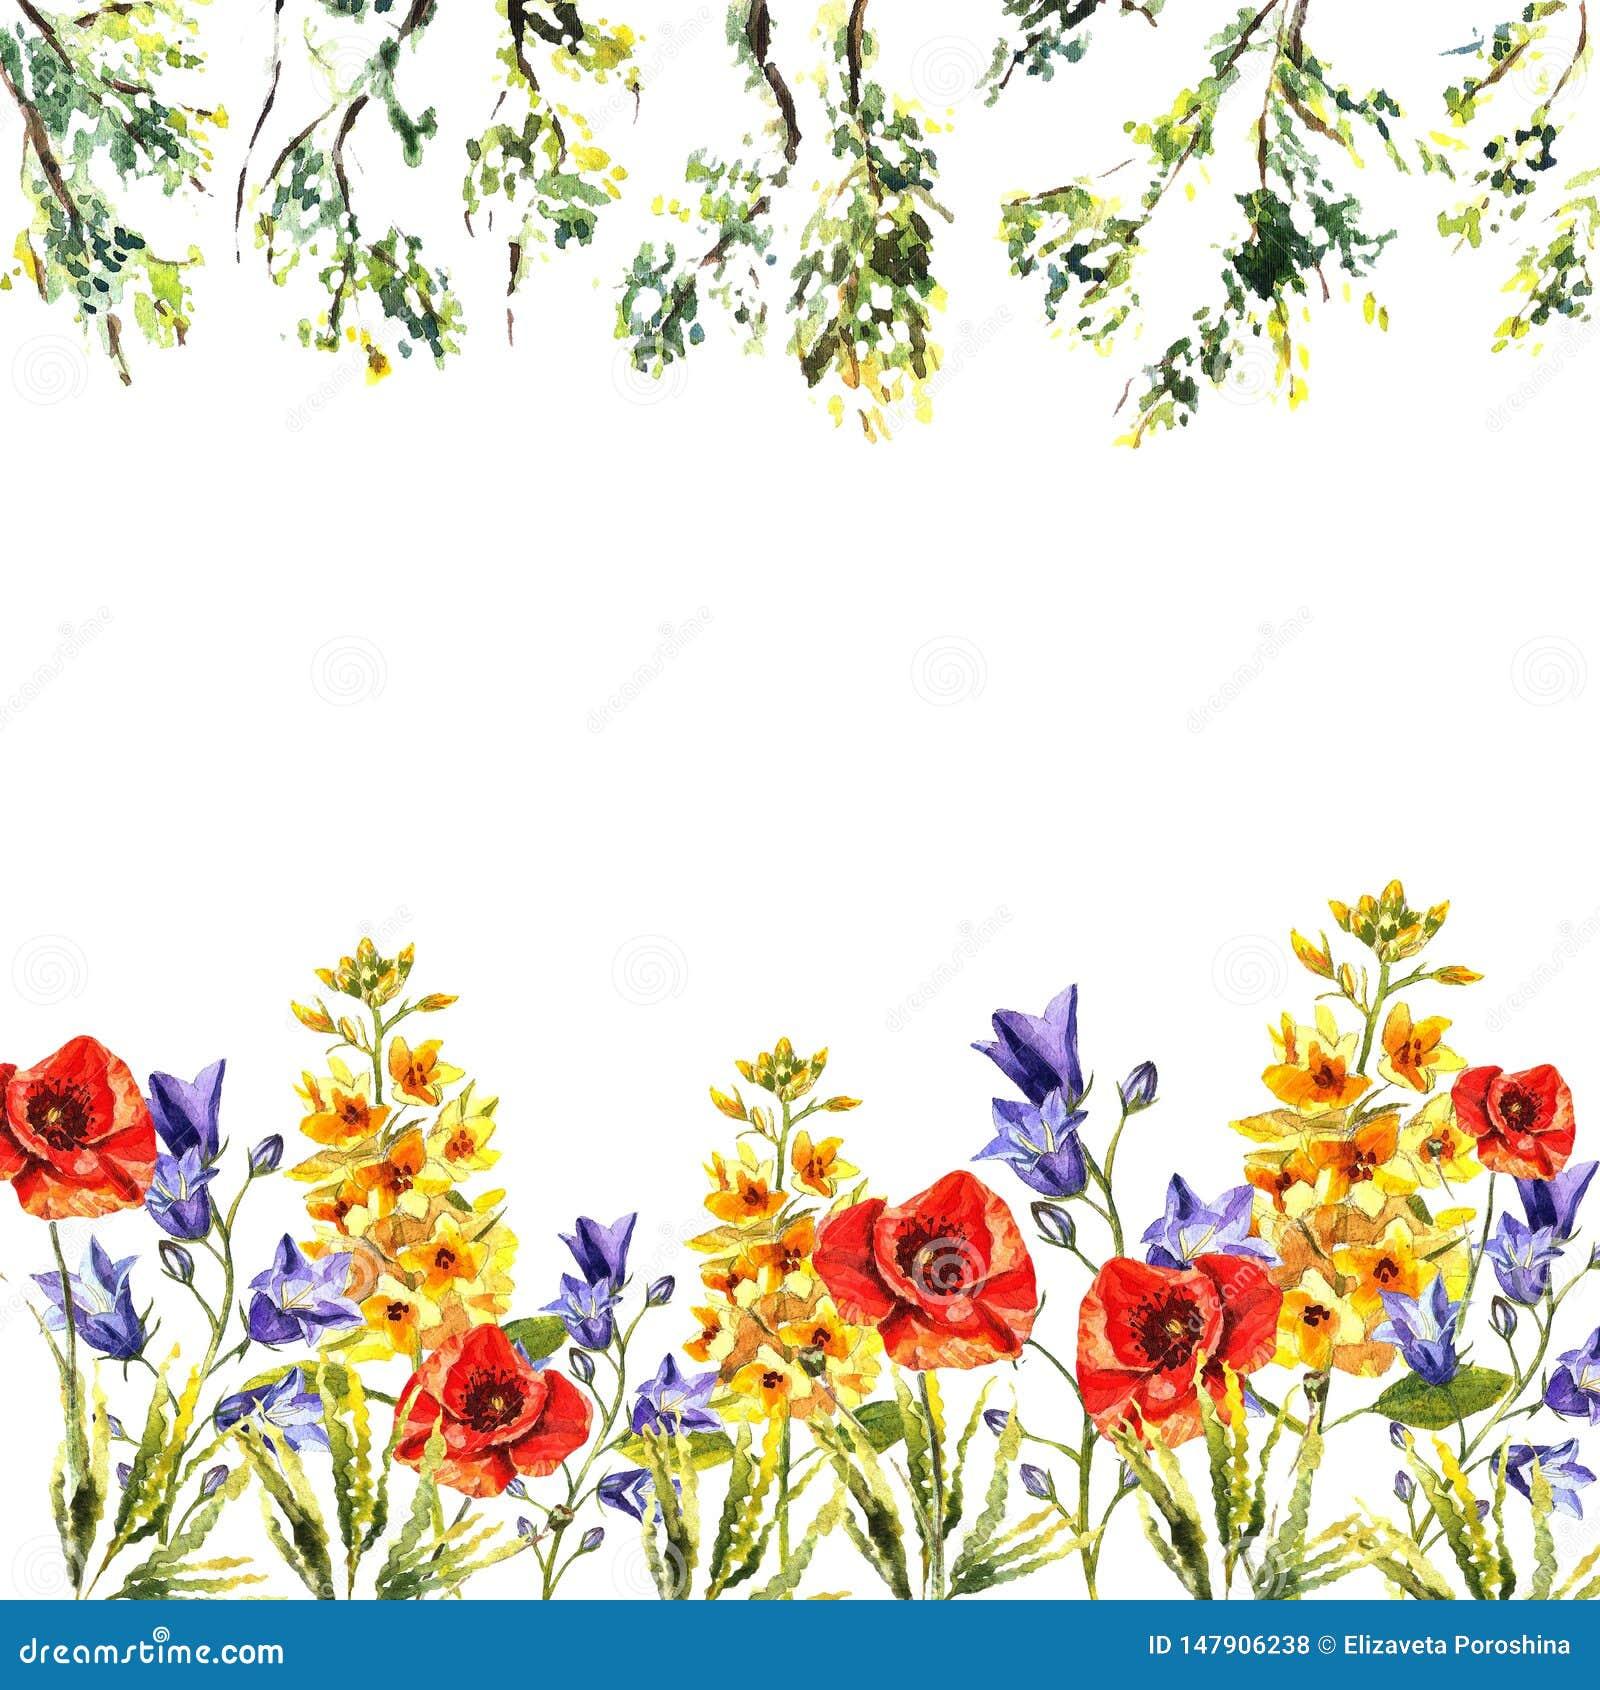 Cadre d aquarelle des jacinthes des bois, chiots, eremuruses, feuilles, brunchs des arbres